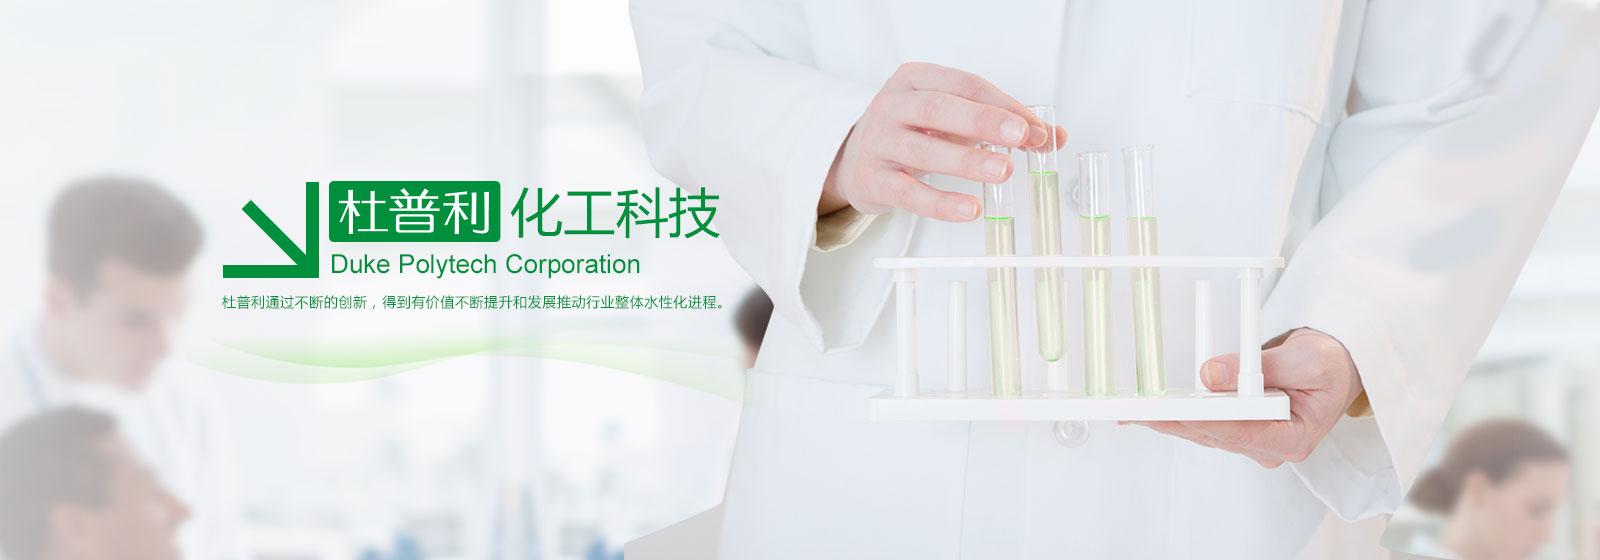 上海杜普利化工科技有限公司